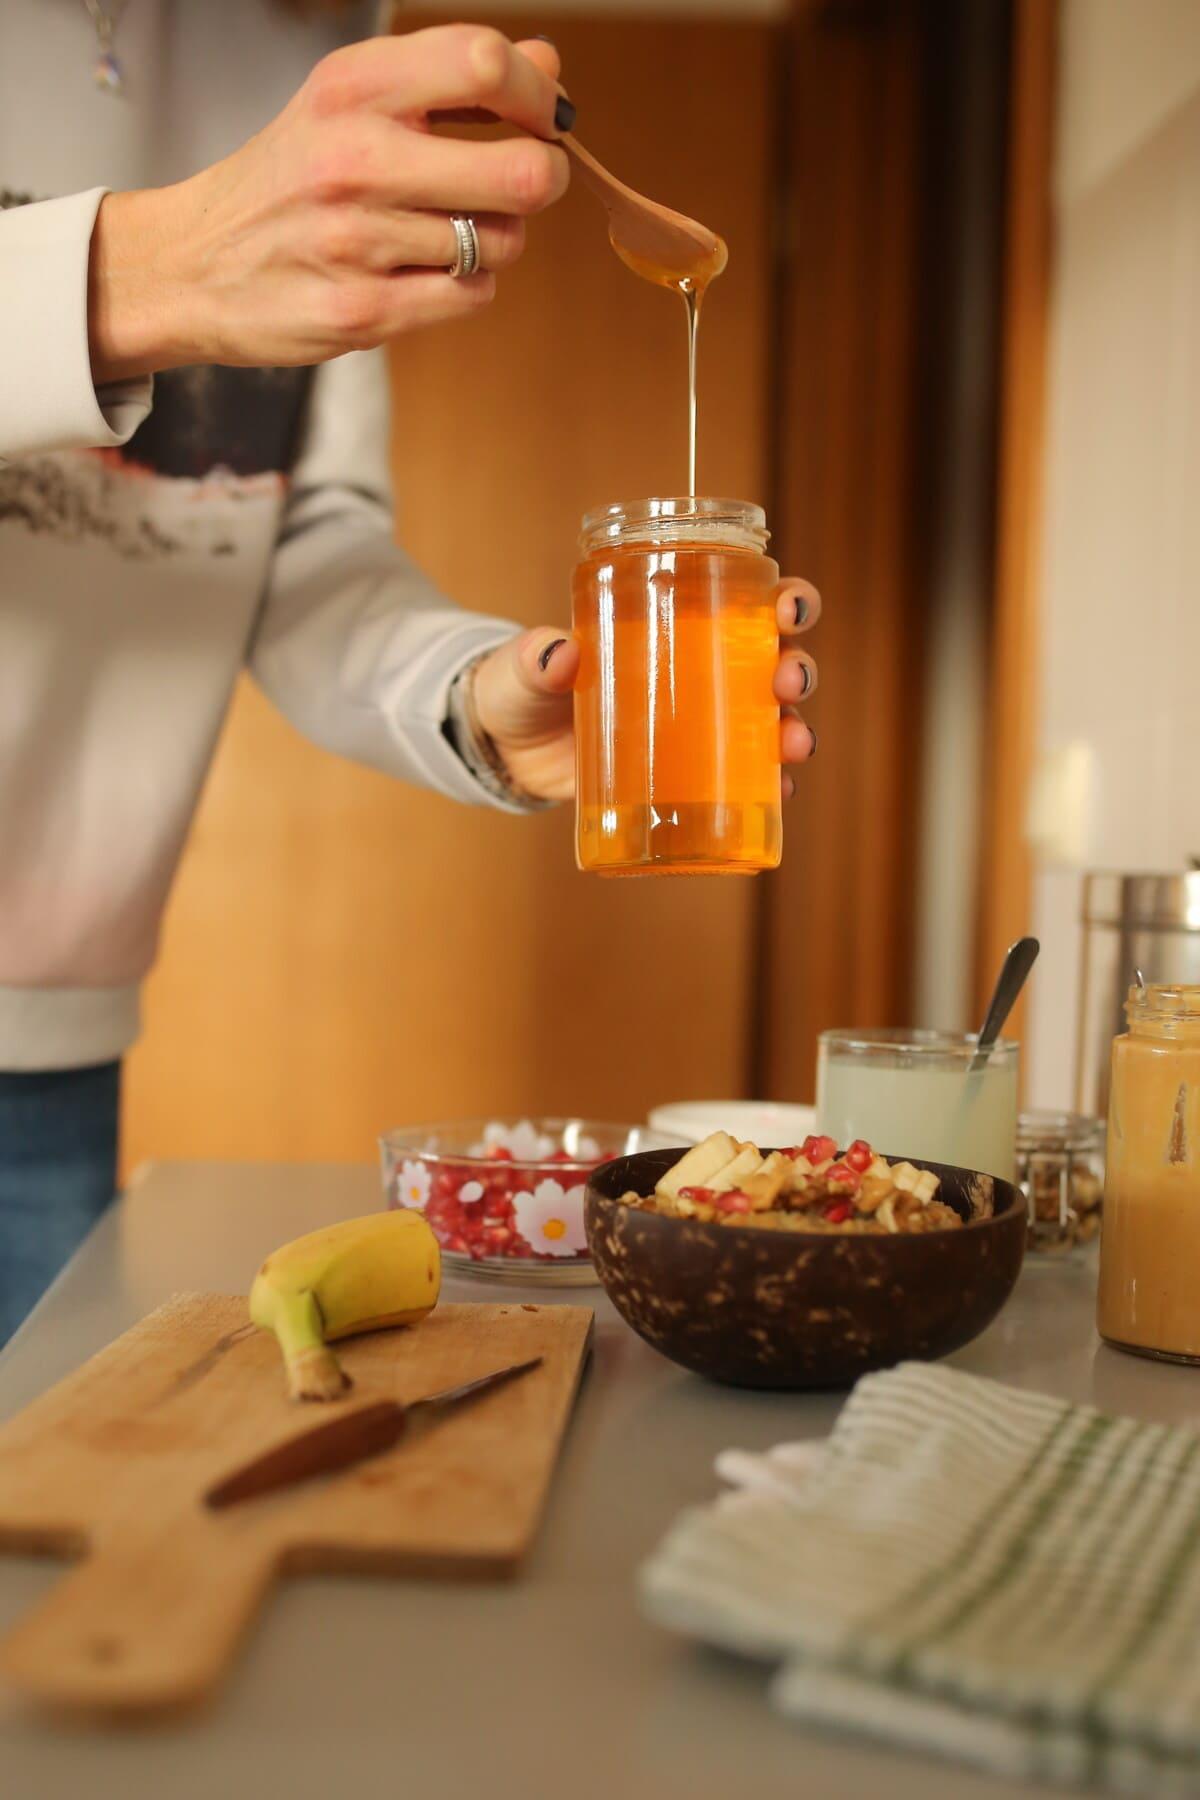 pot, miel, cuillère, en bois, table de cuisine, cuisine, à l'intérieur, couteau, le petit déjeuner, maison